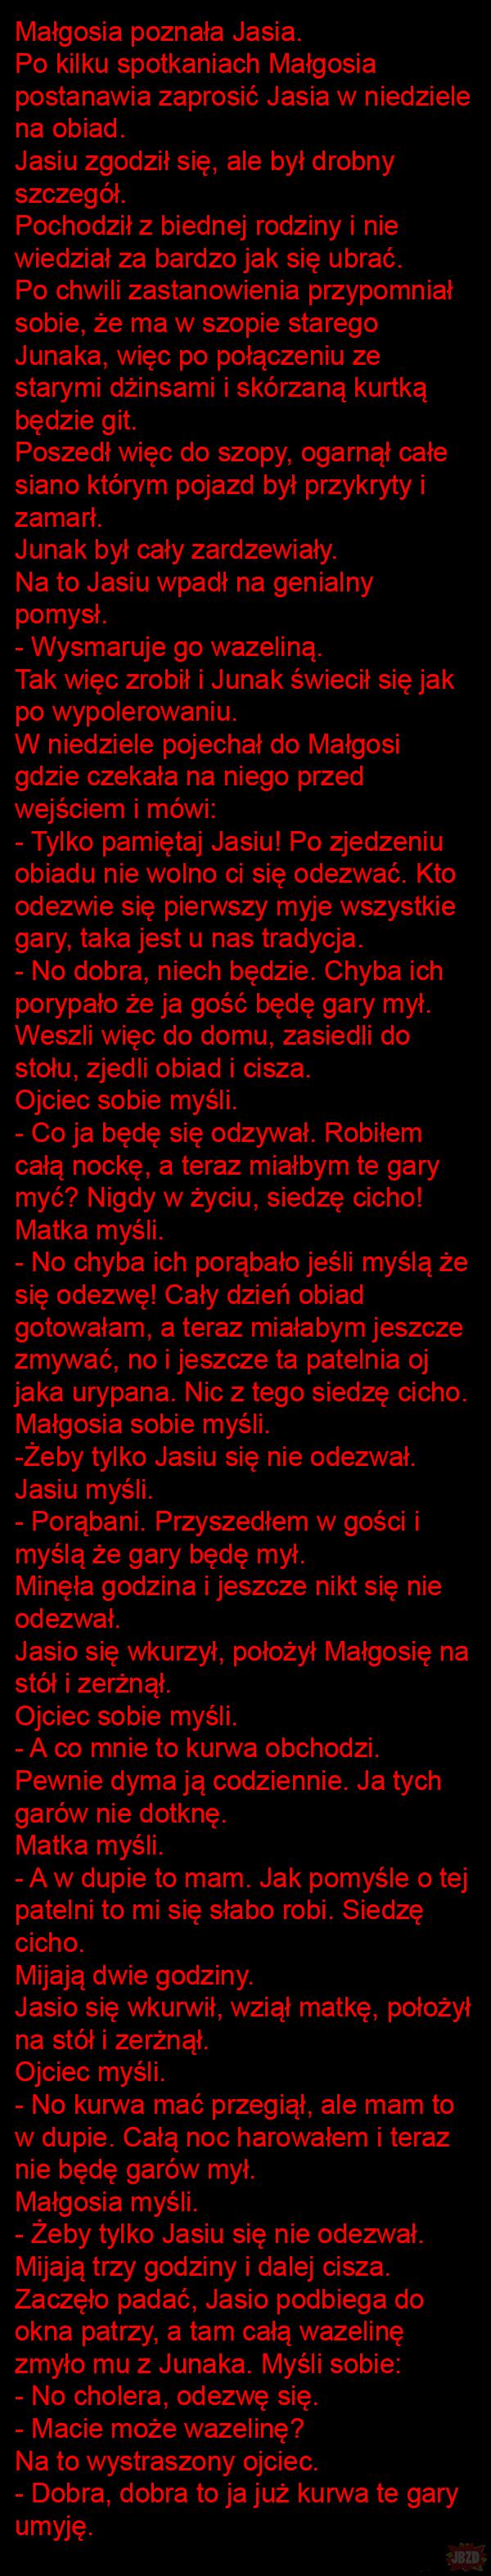 Jasio z Małgosią